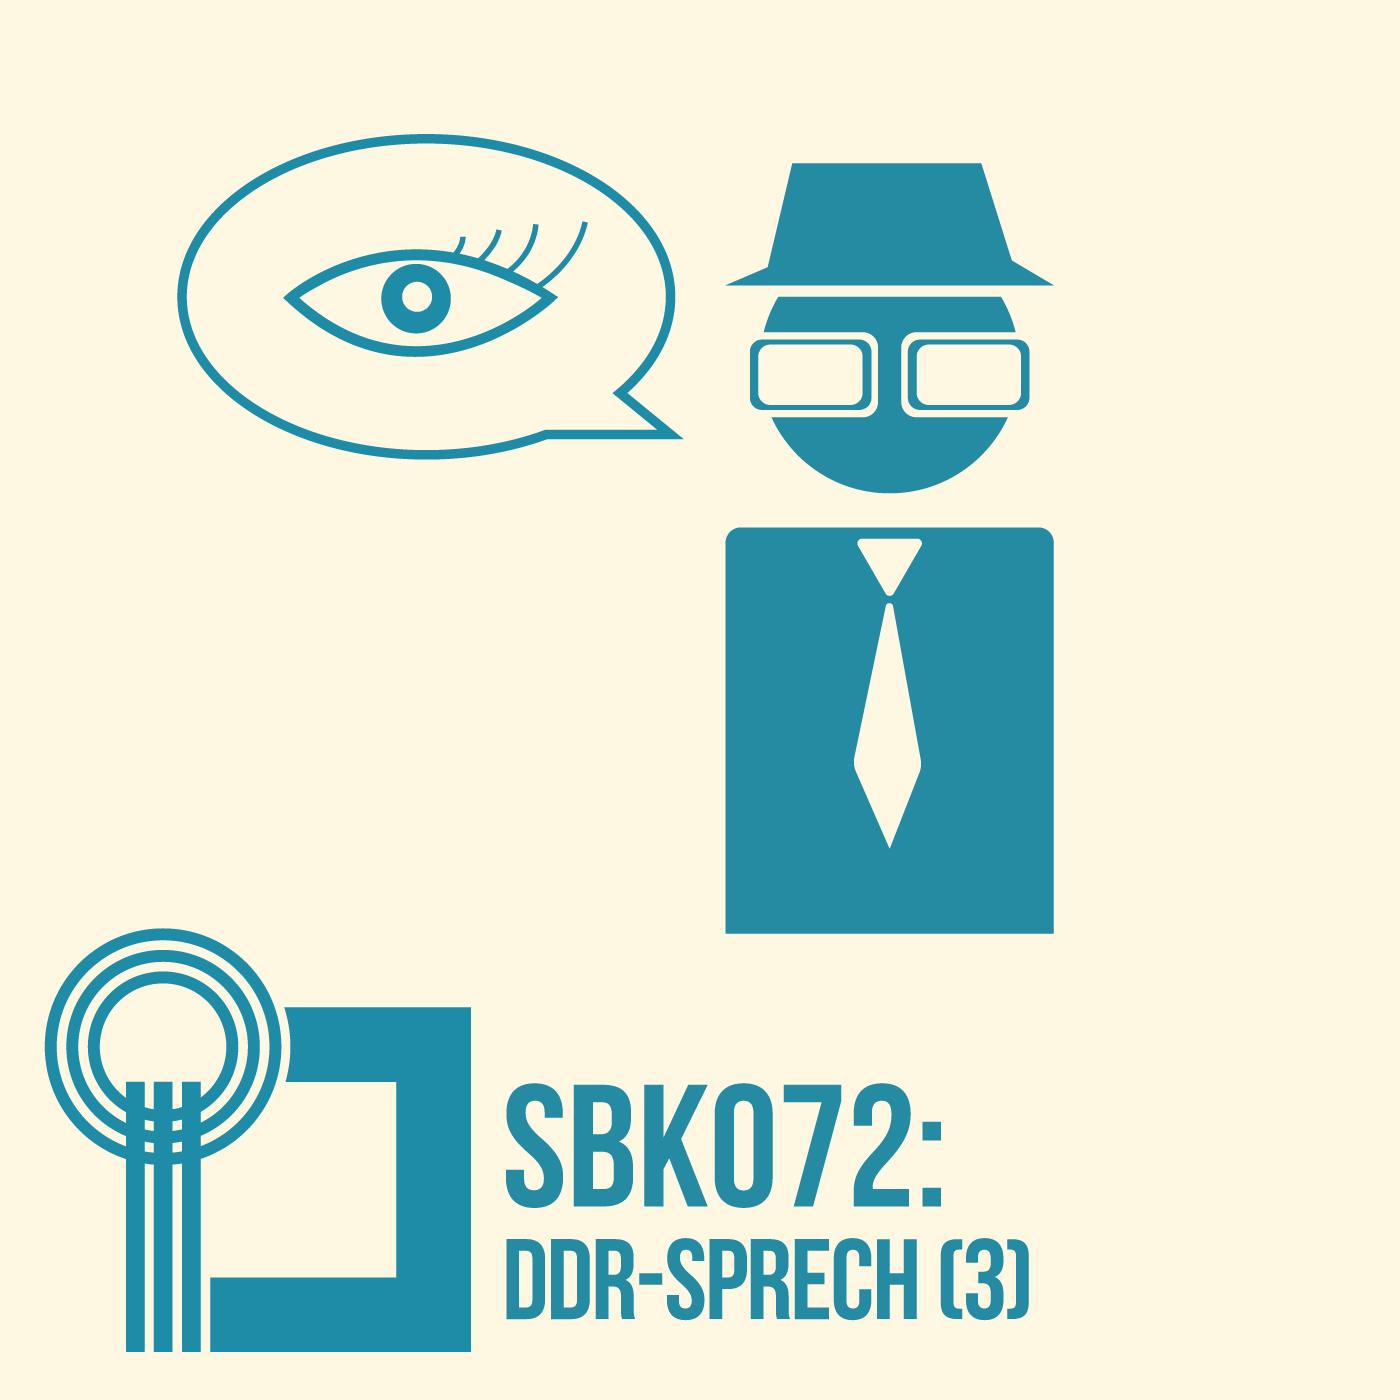 DDR-Sprech (3)